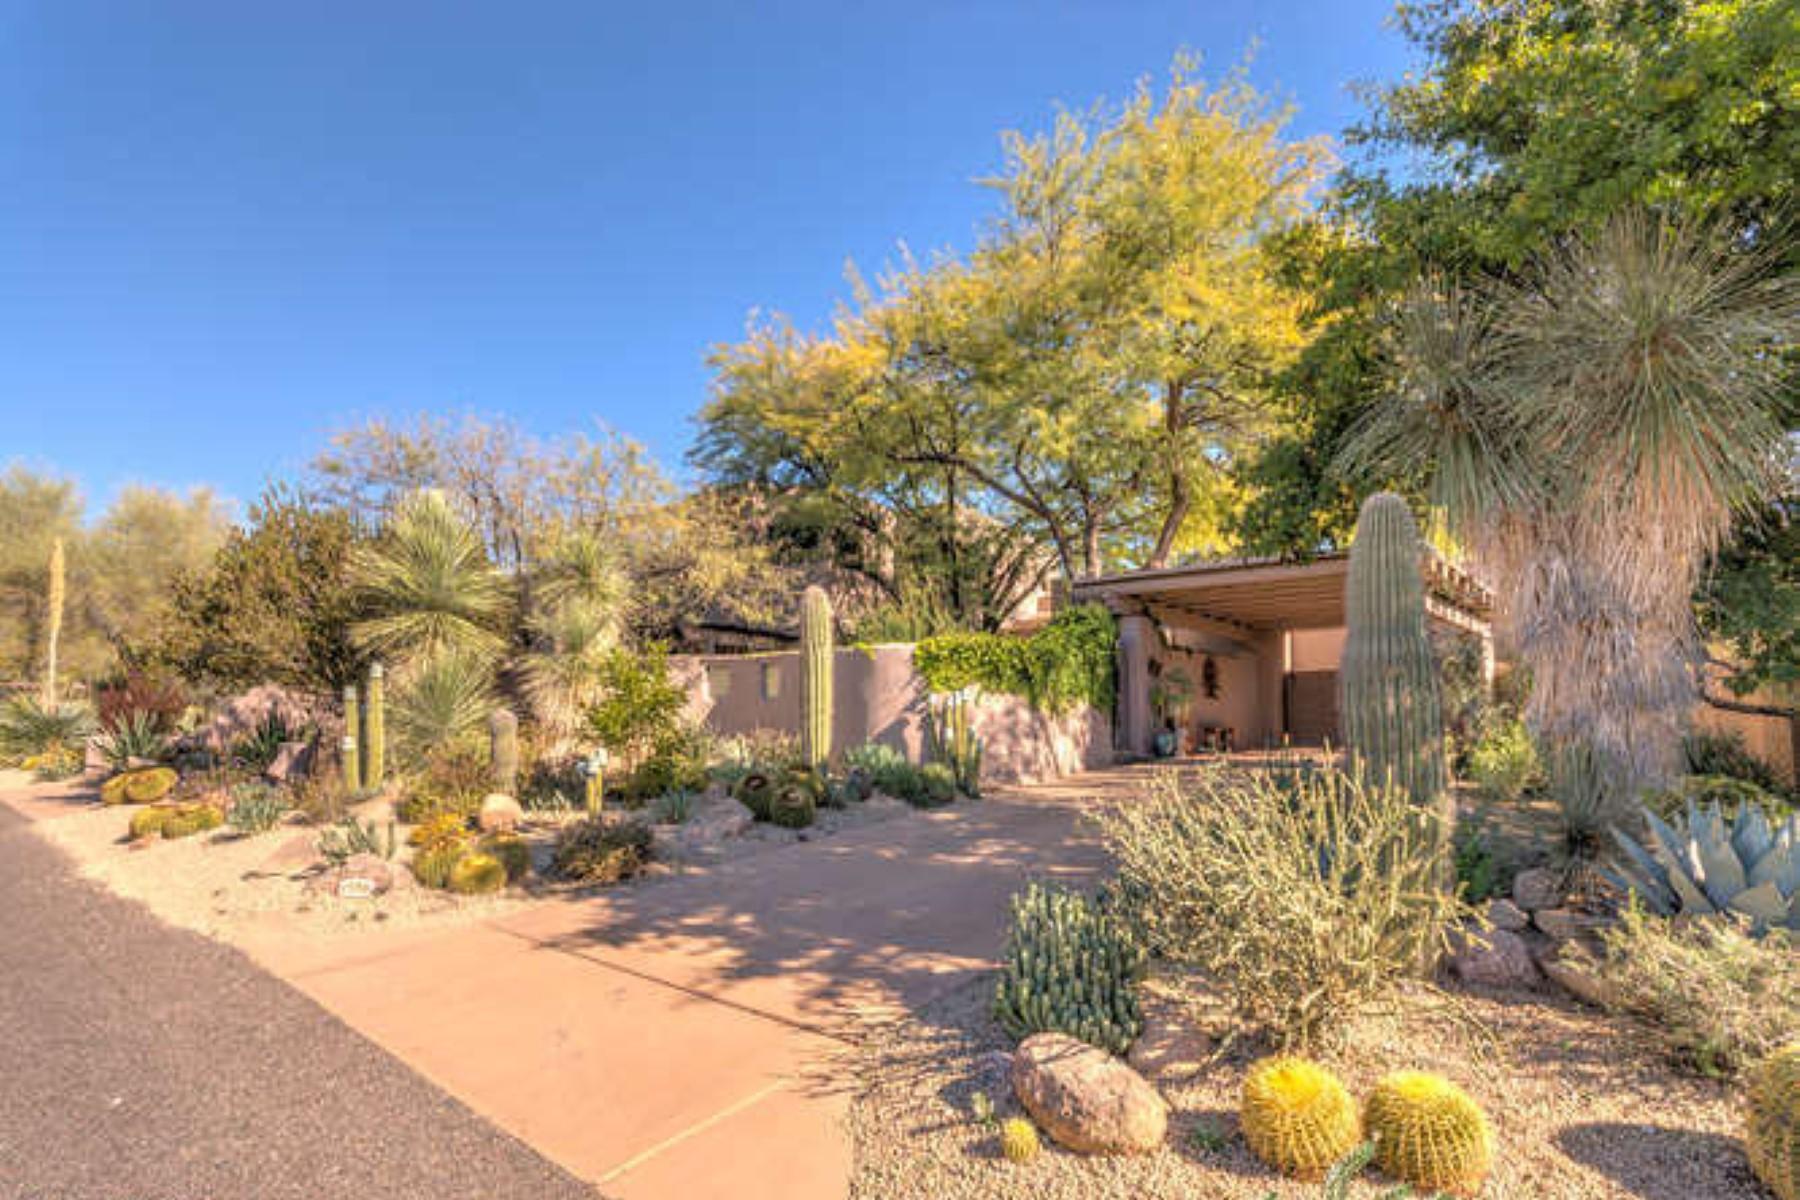 Vivienda unifamiliar por un Venta en One of the most desirable, centrally located properties in the Boulders 1598 N Quartz Valley Rd Scottsdale, Arizona 85266 Estados Unidos